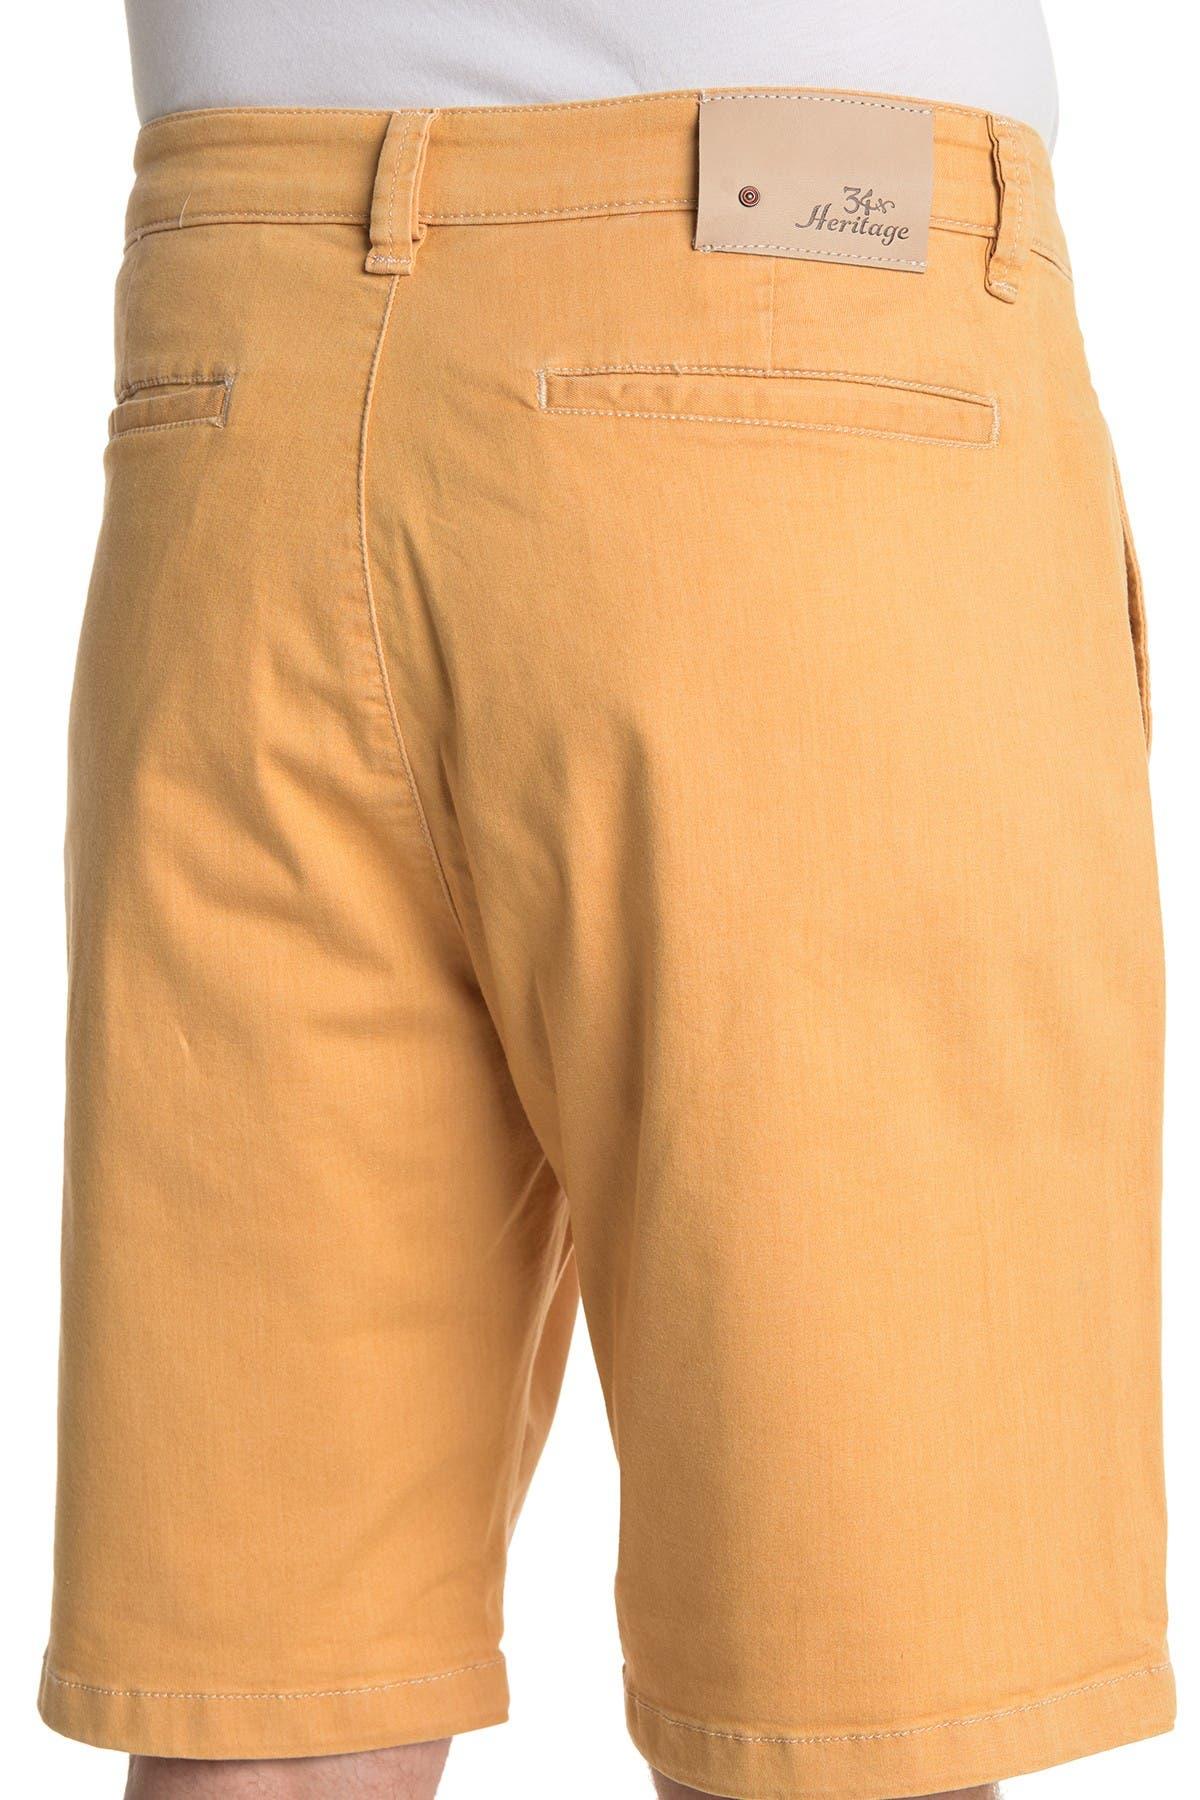 34 Heritage Nevada Shorts